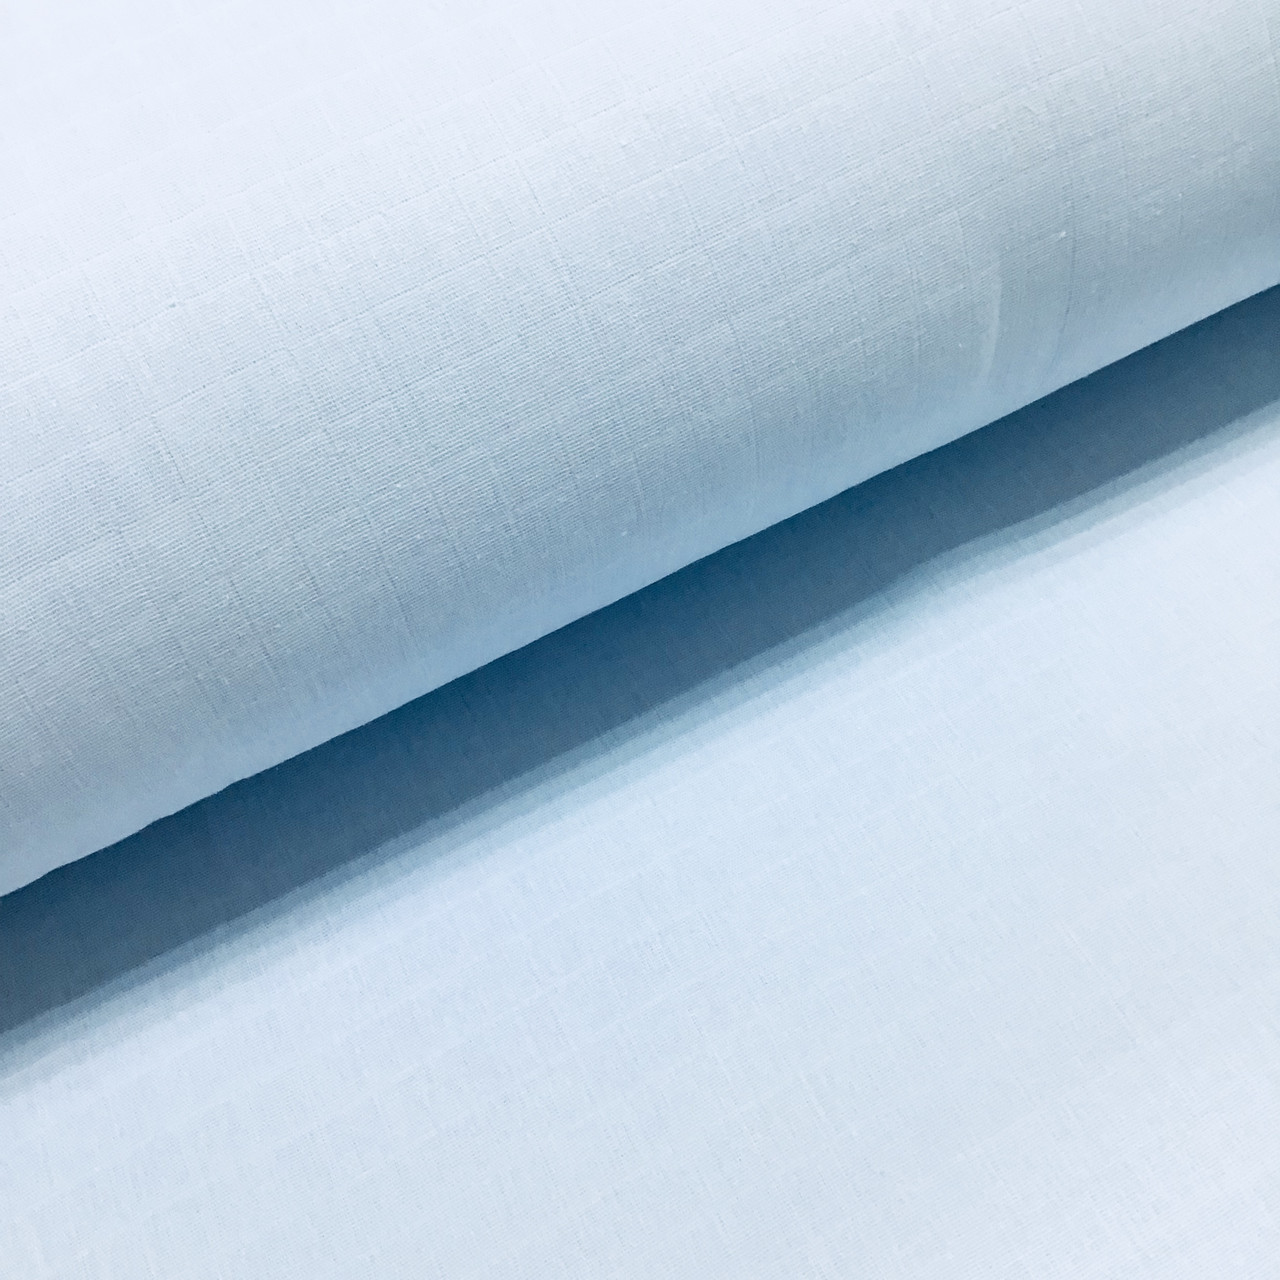 Ткань муслин Двухслойная однотонная светло -голубая (шир. 1,55 м)